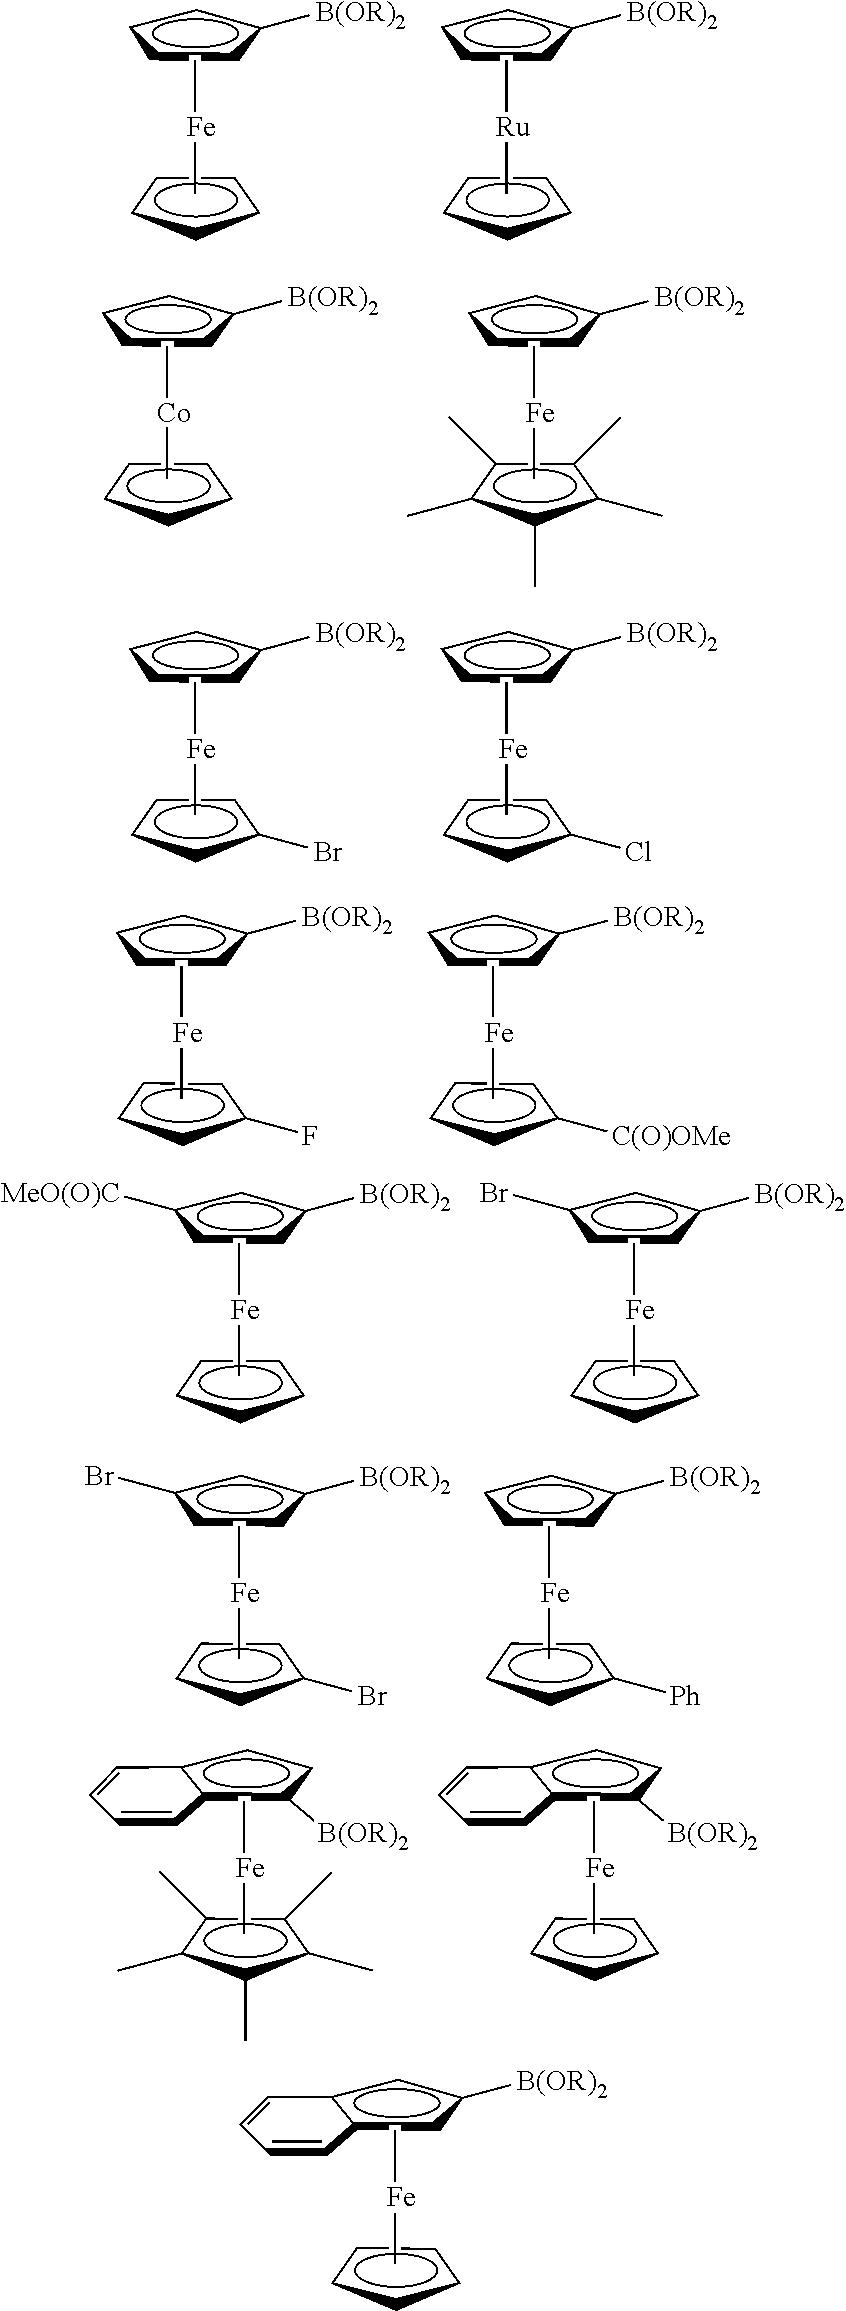 Figure US20100305287A1-20101202-C00004